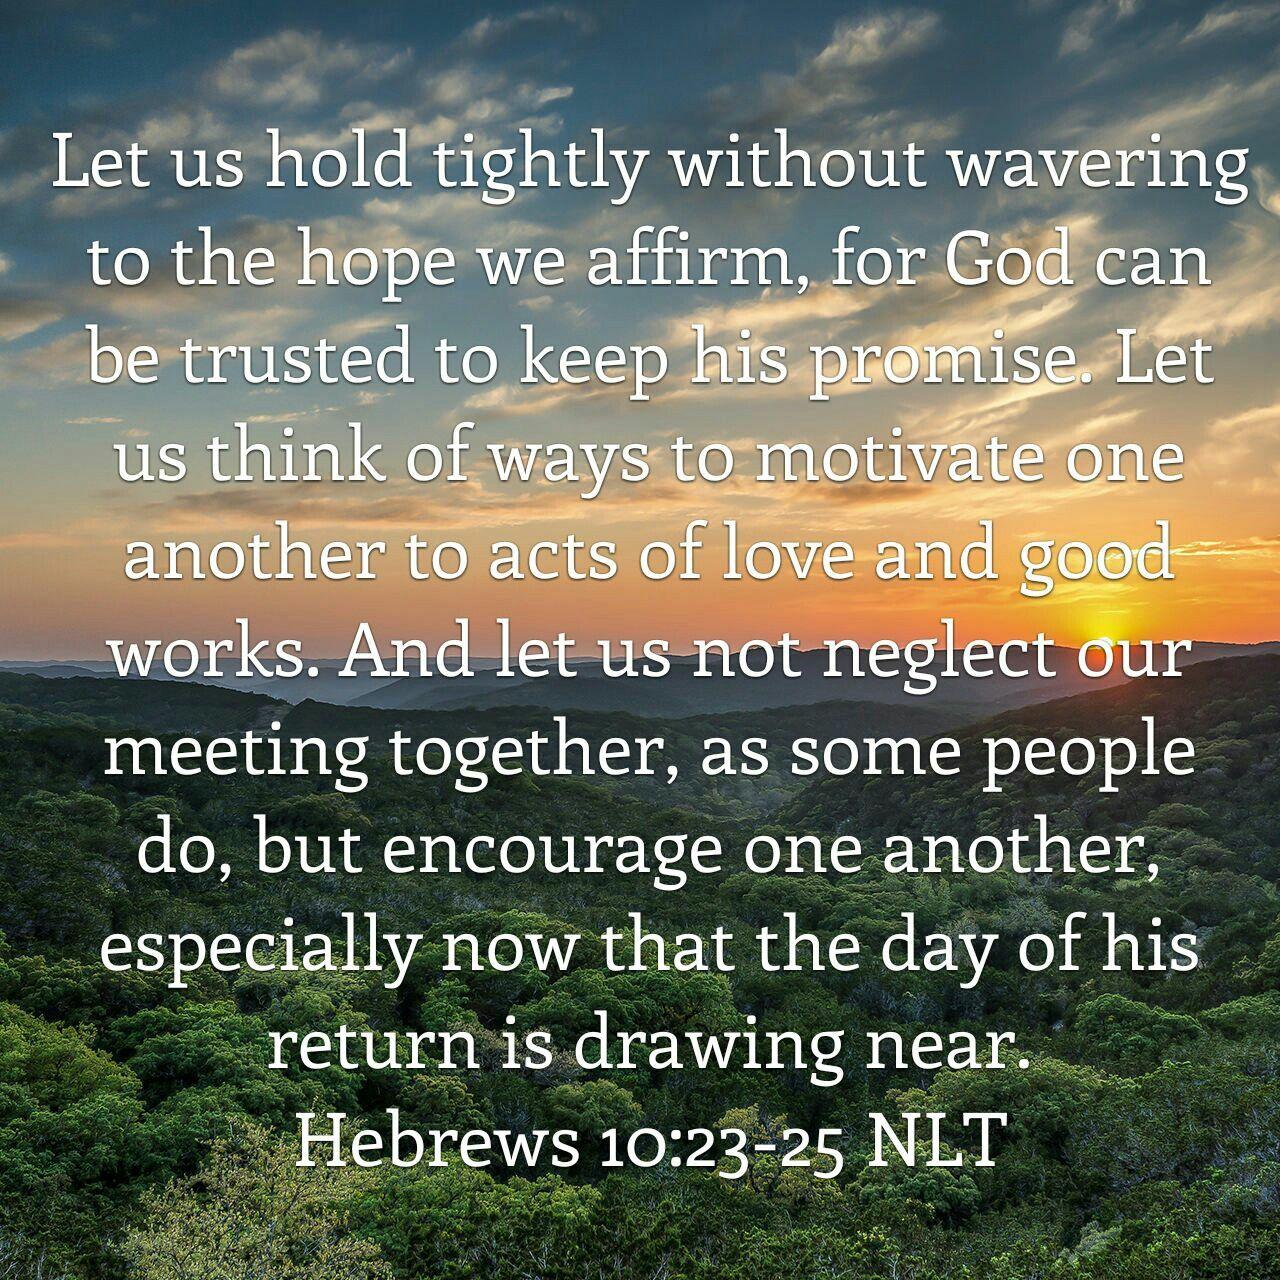 25+ Hebrews 10 23 25 Meaning Pics - FreePix